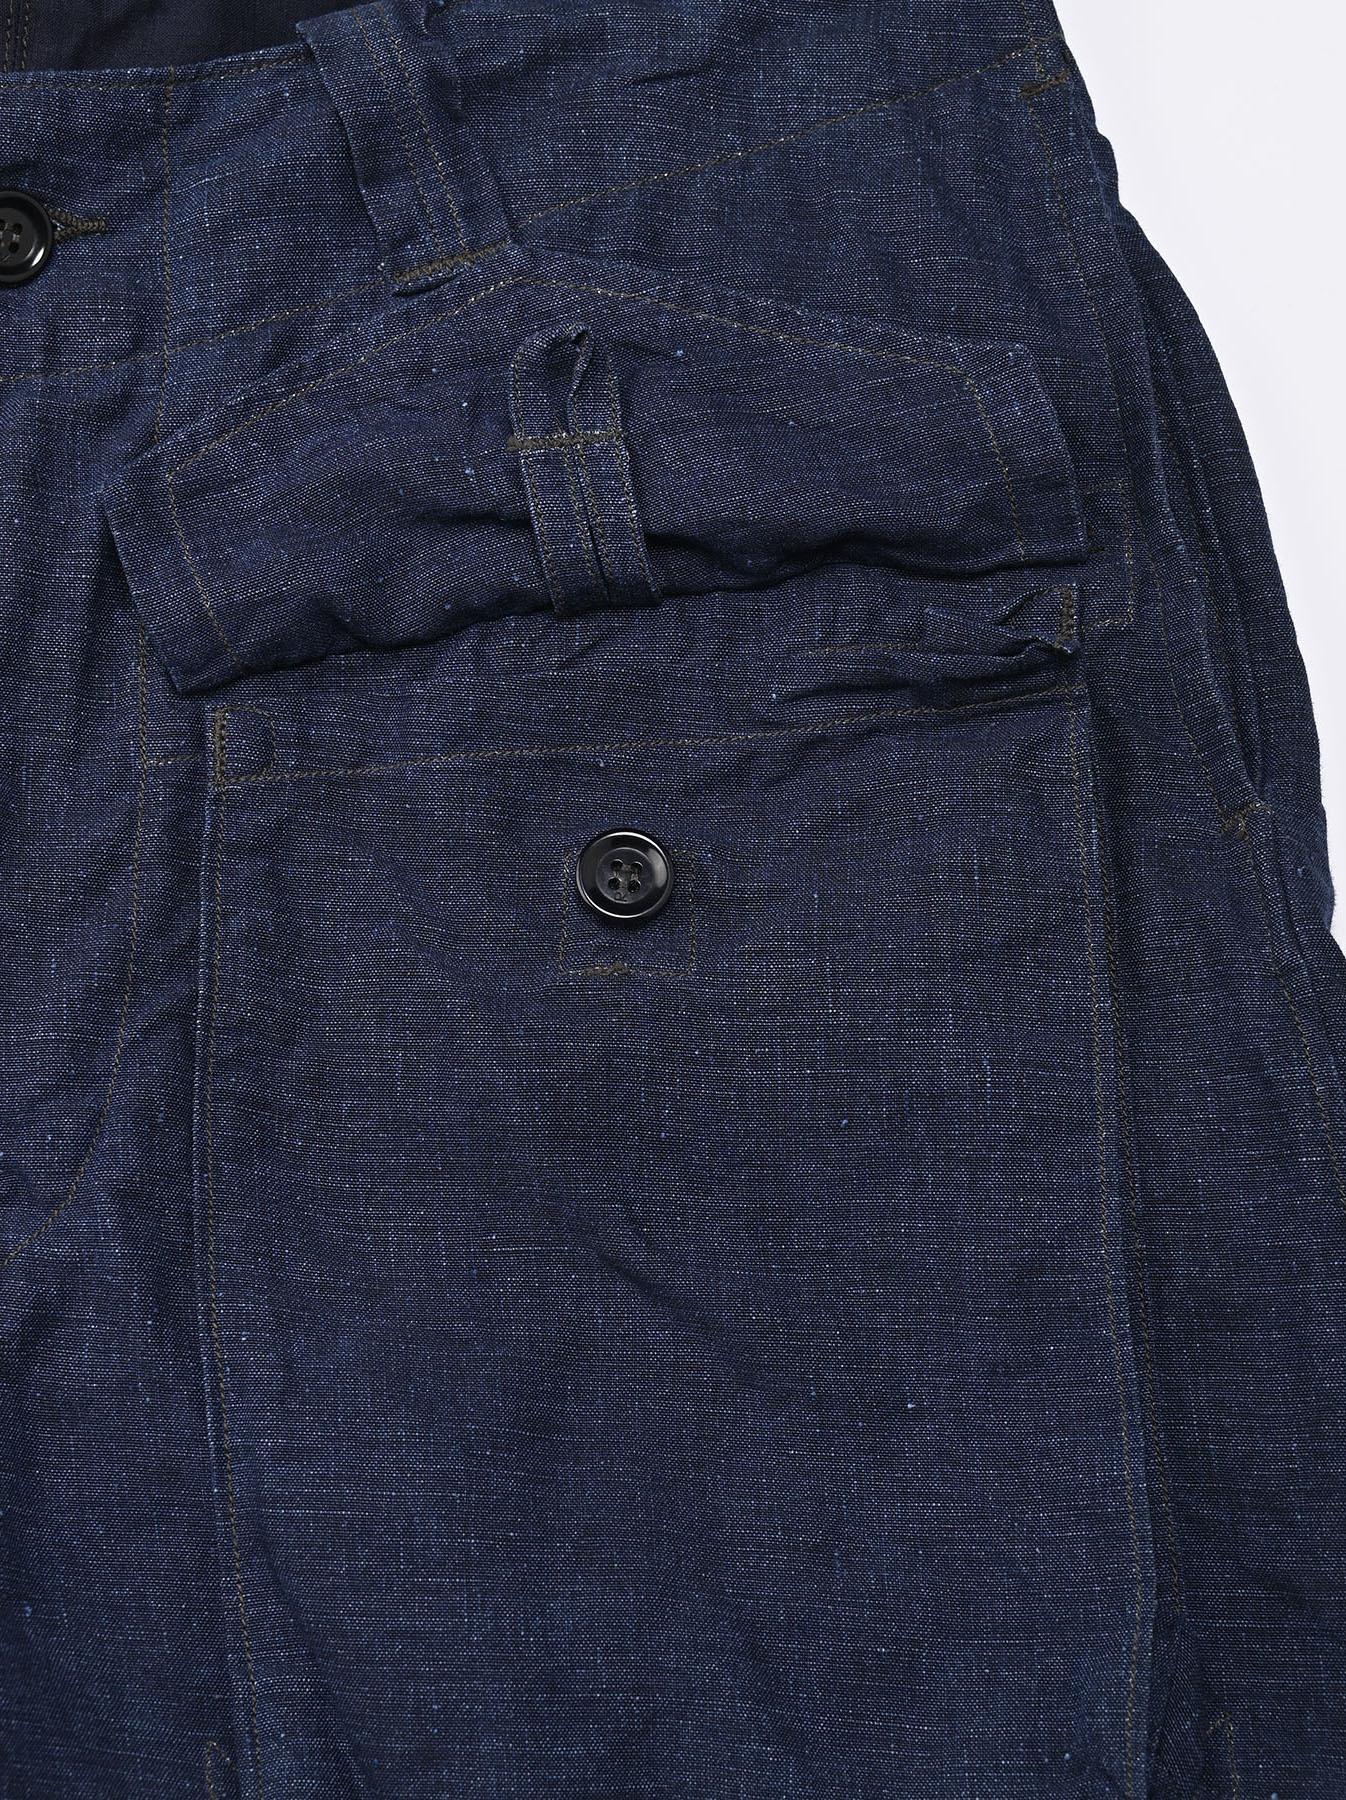 Indigo Nou Linen 908 Easy Sail Shorts (0721)-10